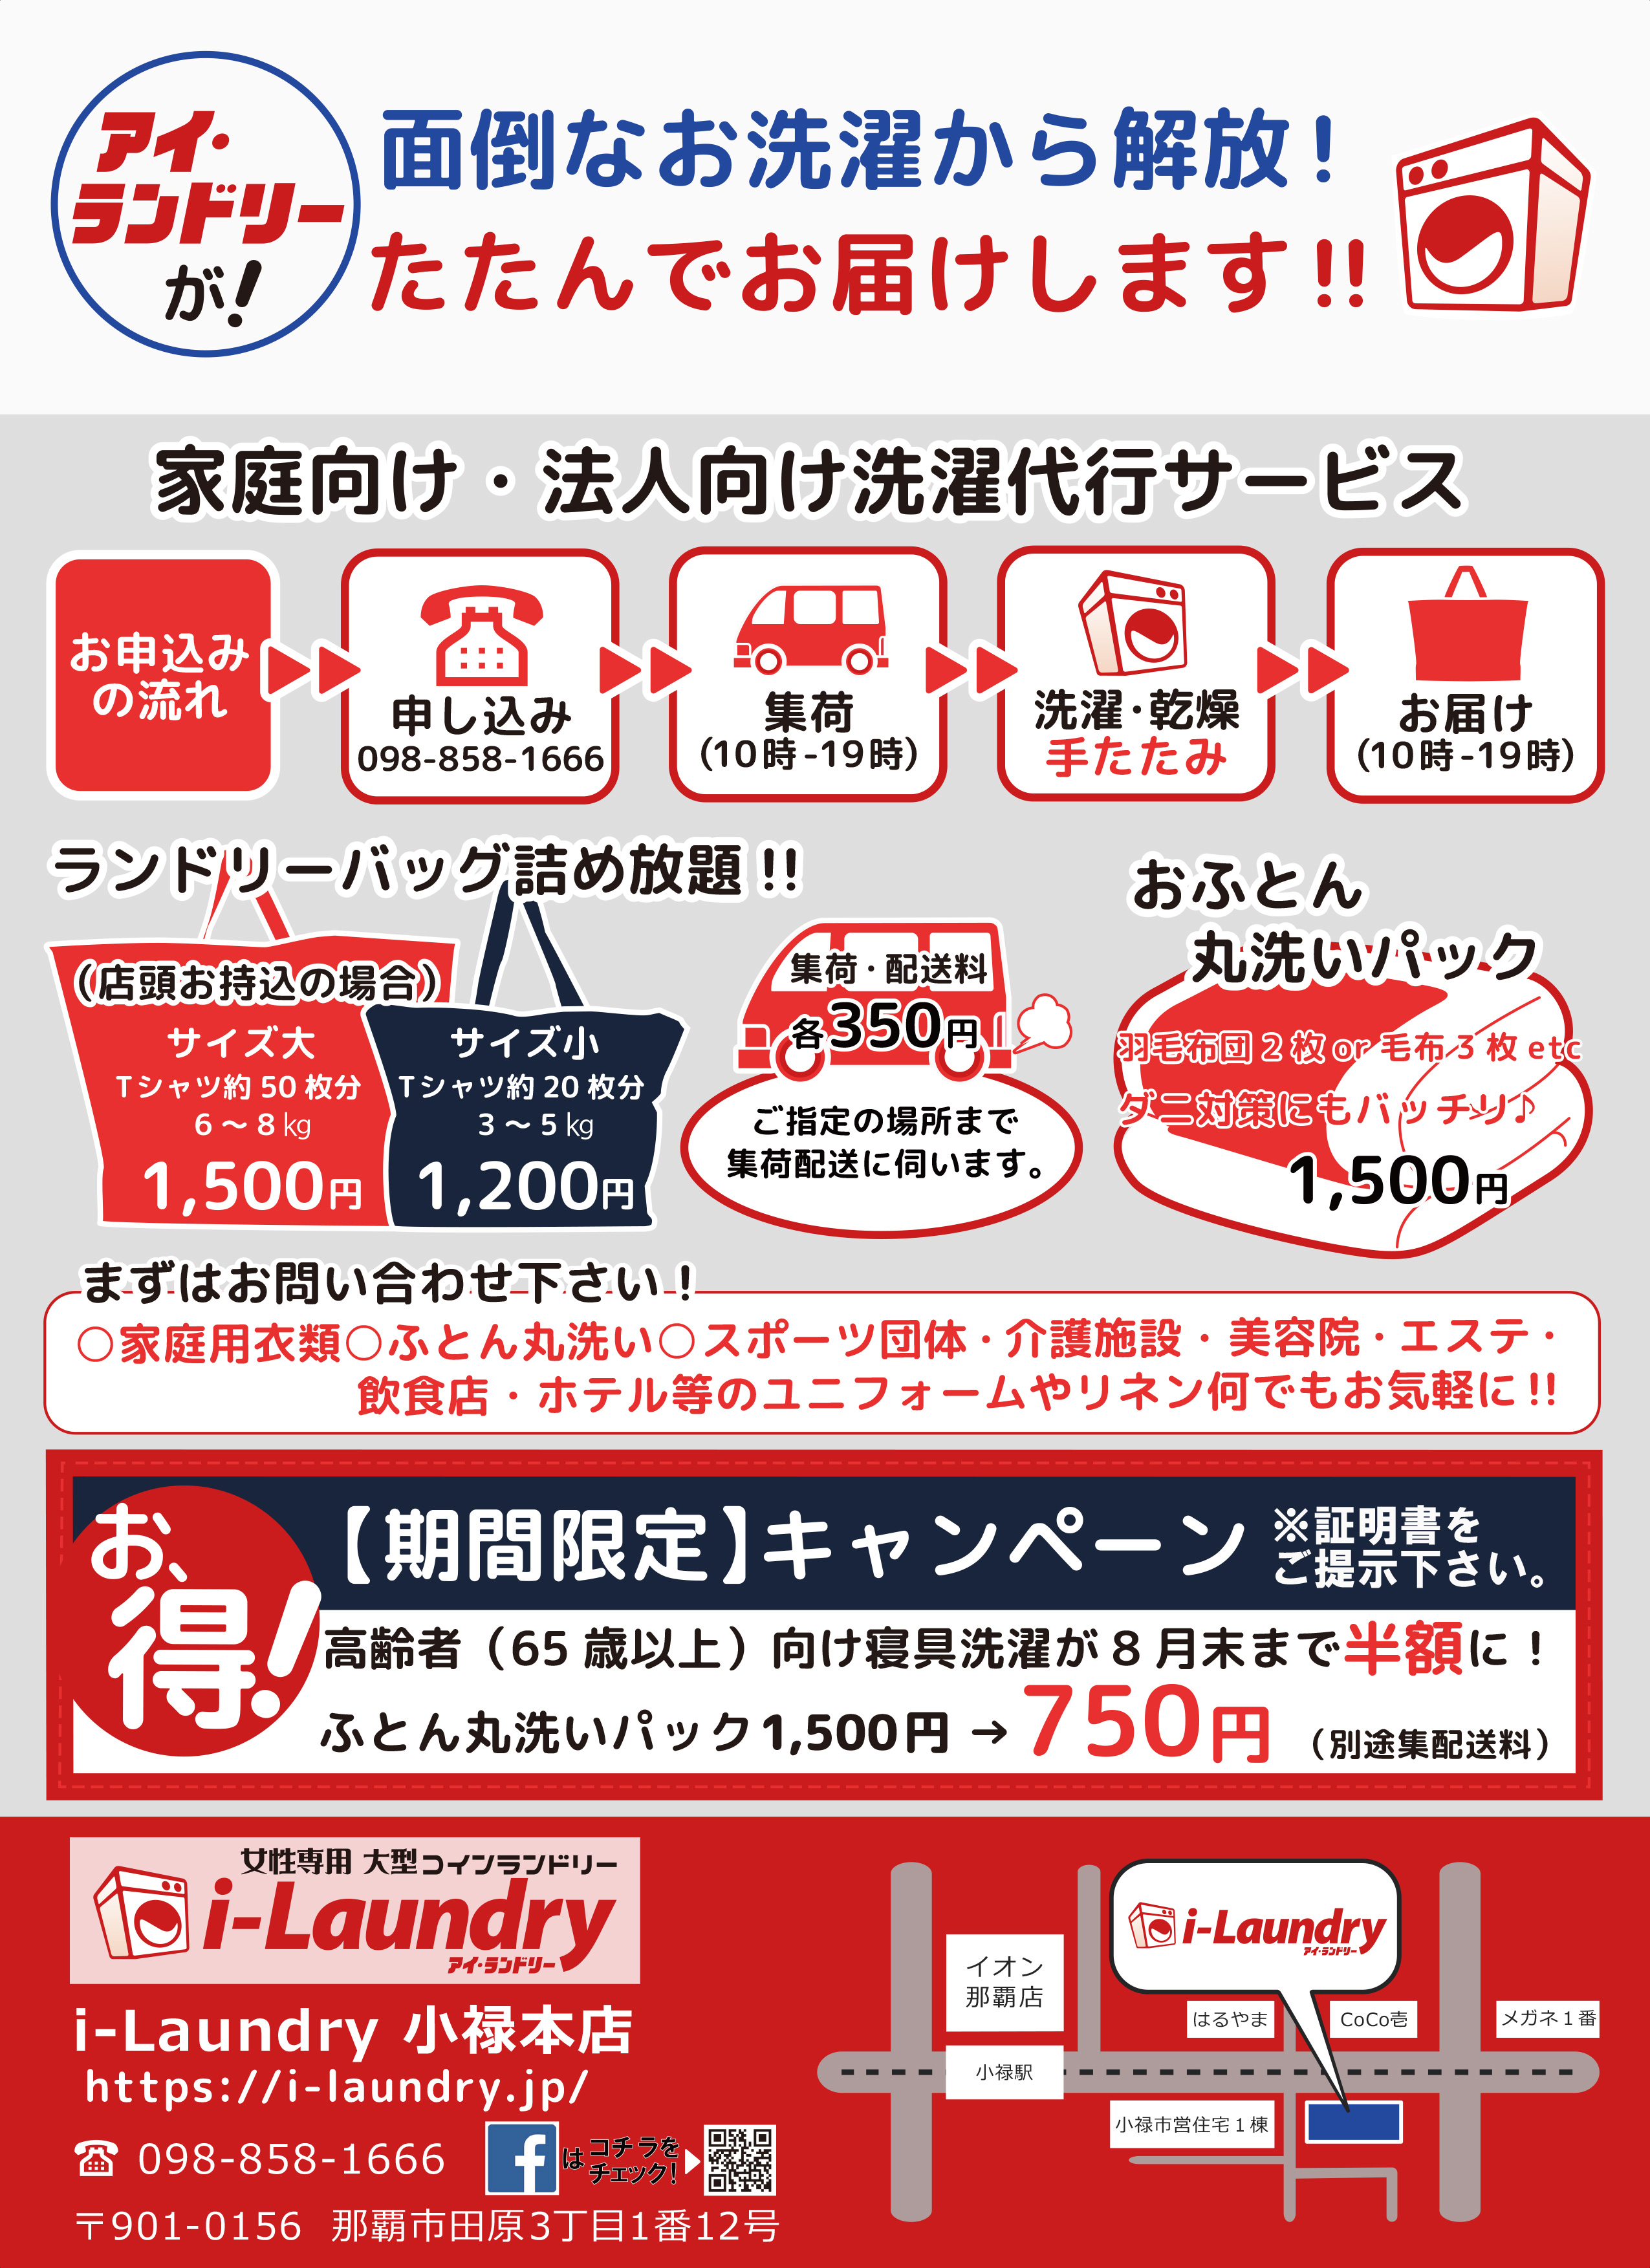 沖縄のコインランドリー・ランドリー・布団丸洗い・洗濯代行・ダニ対策・ノミ対策・旅行先でのキャンペーン。面倒な洗濯から解放!たたんでお届けします。 - アイ・ランドリー